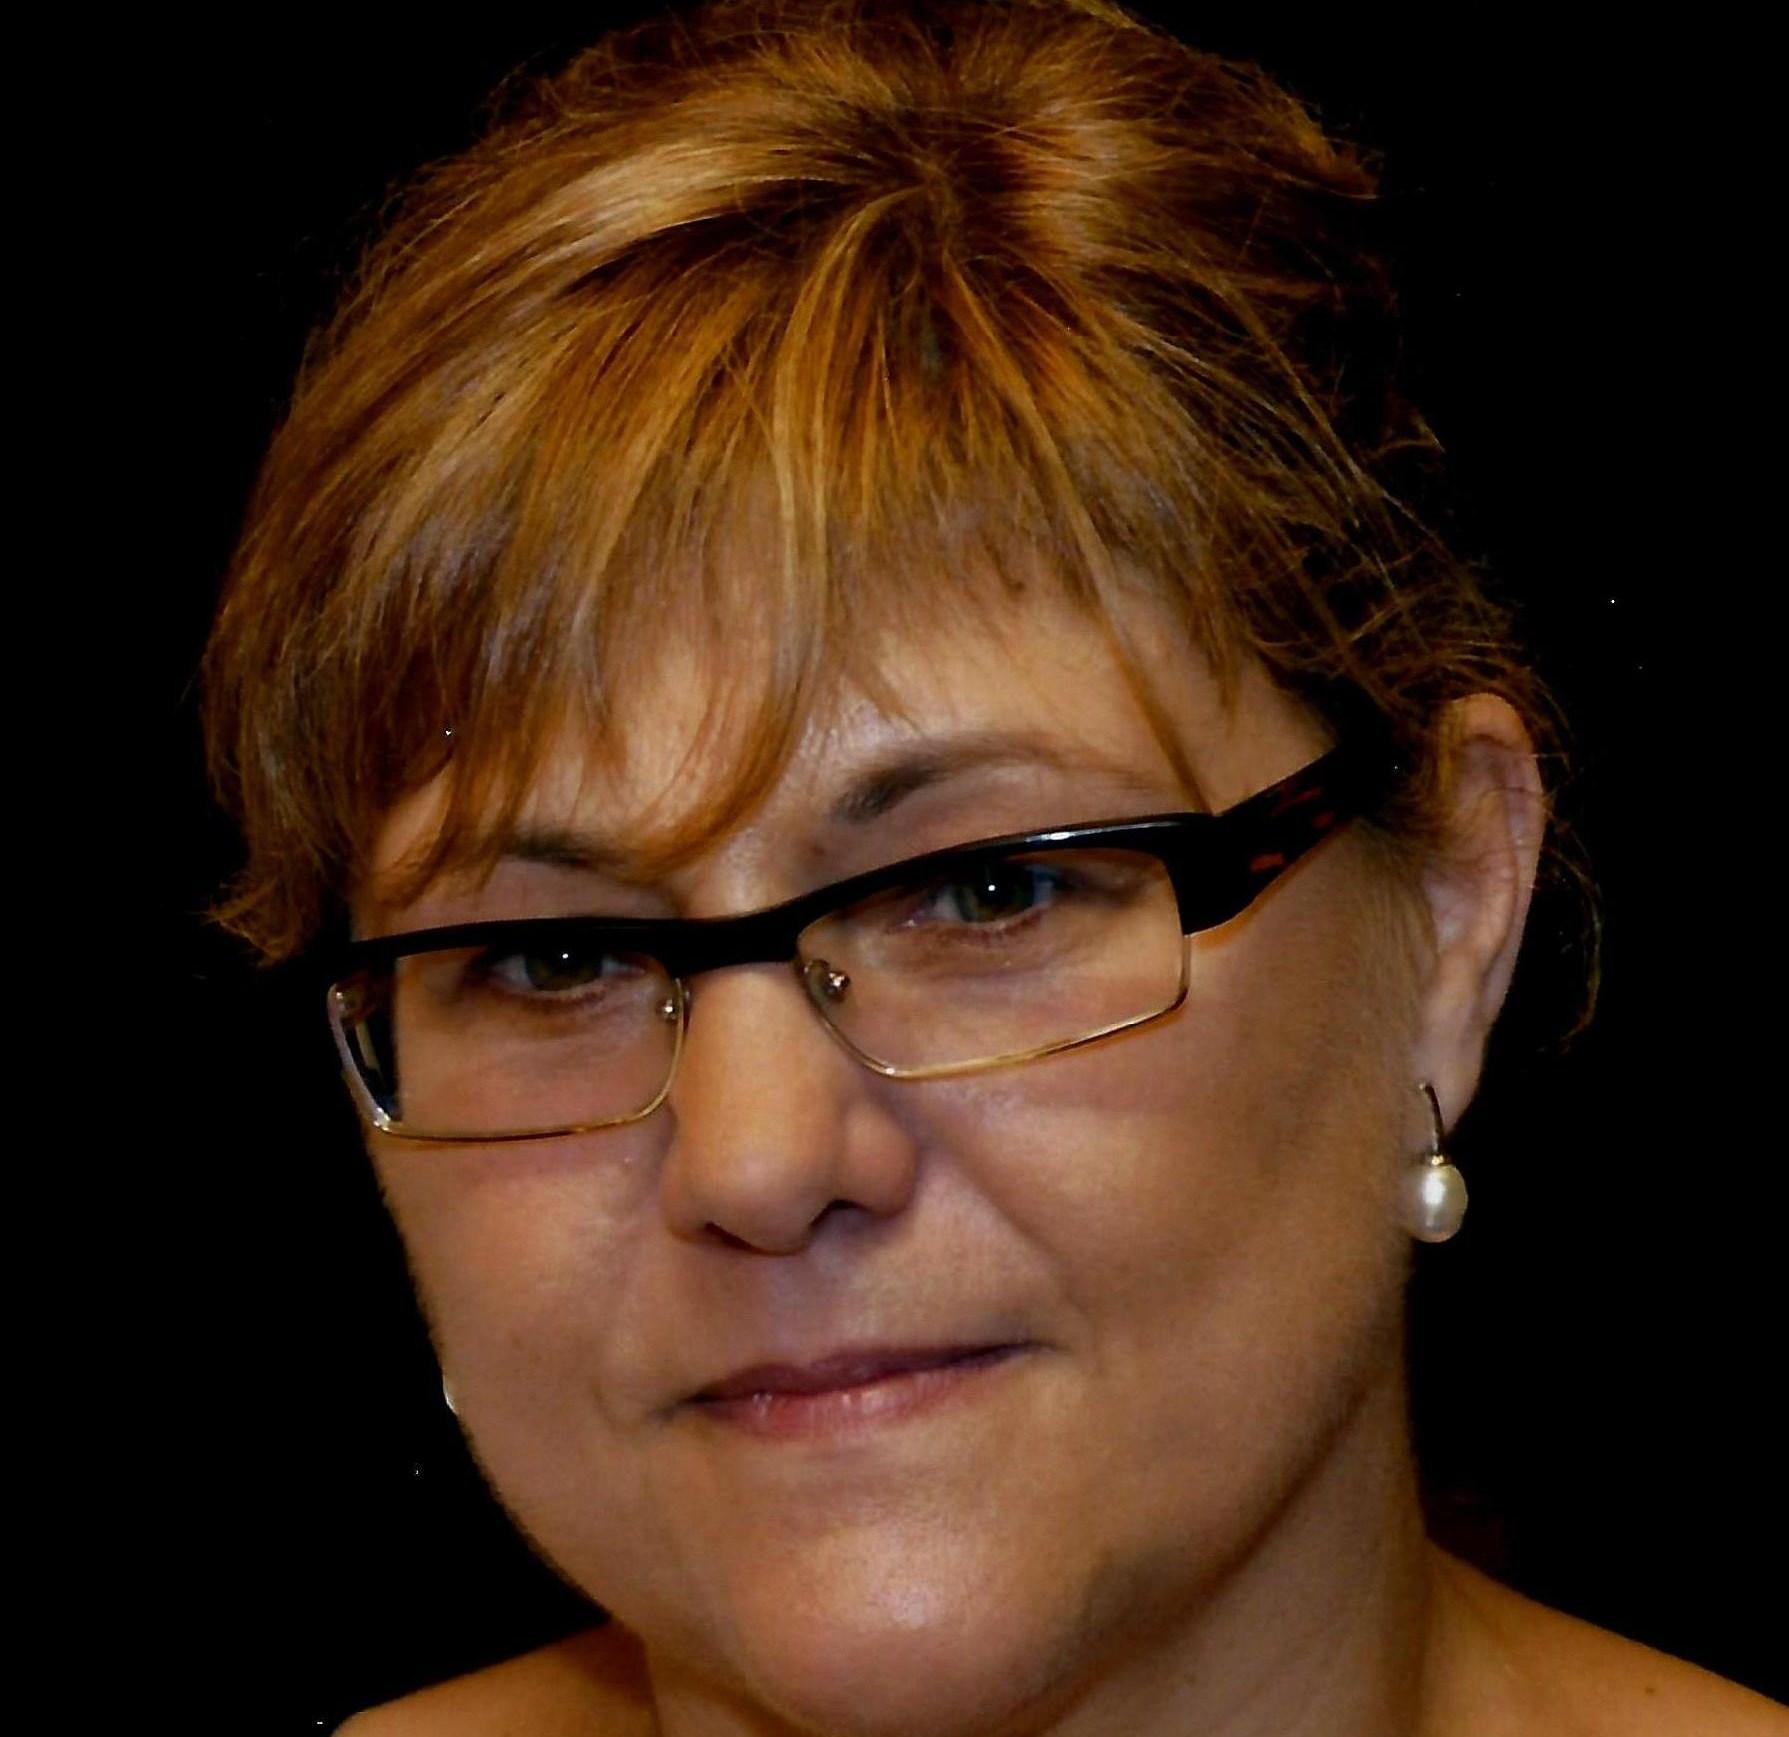 Leonor Perez Zafon